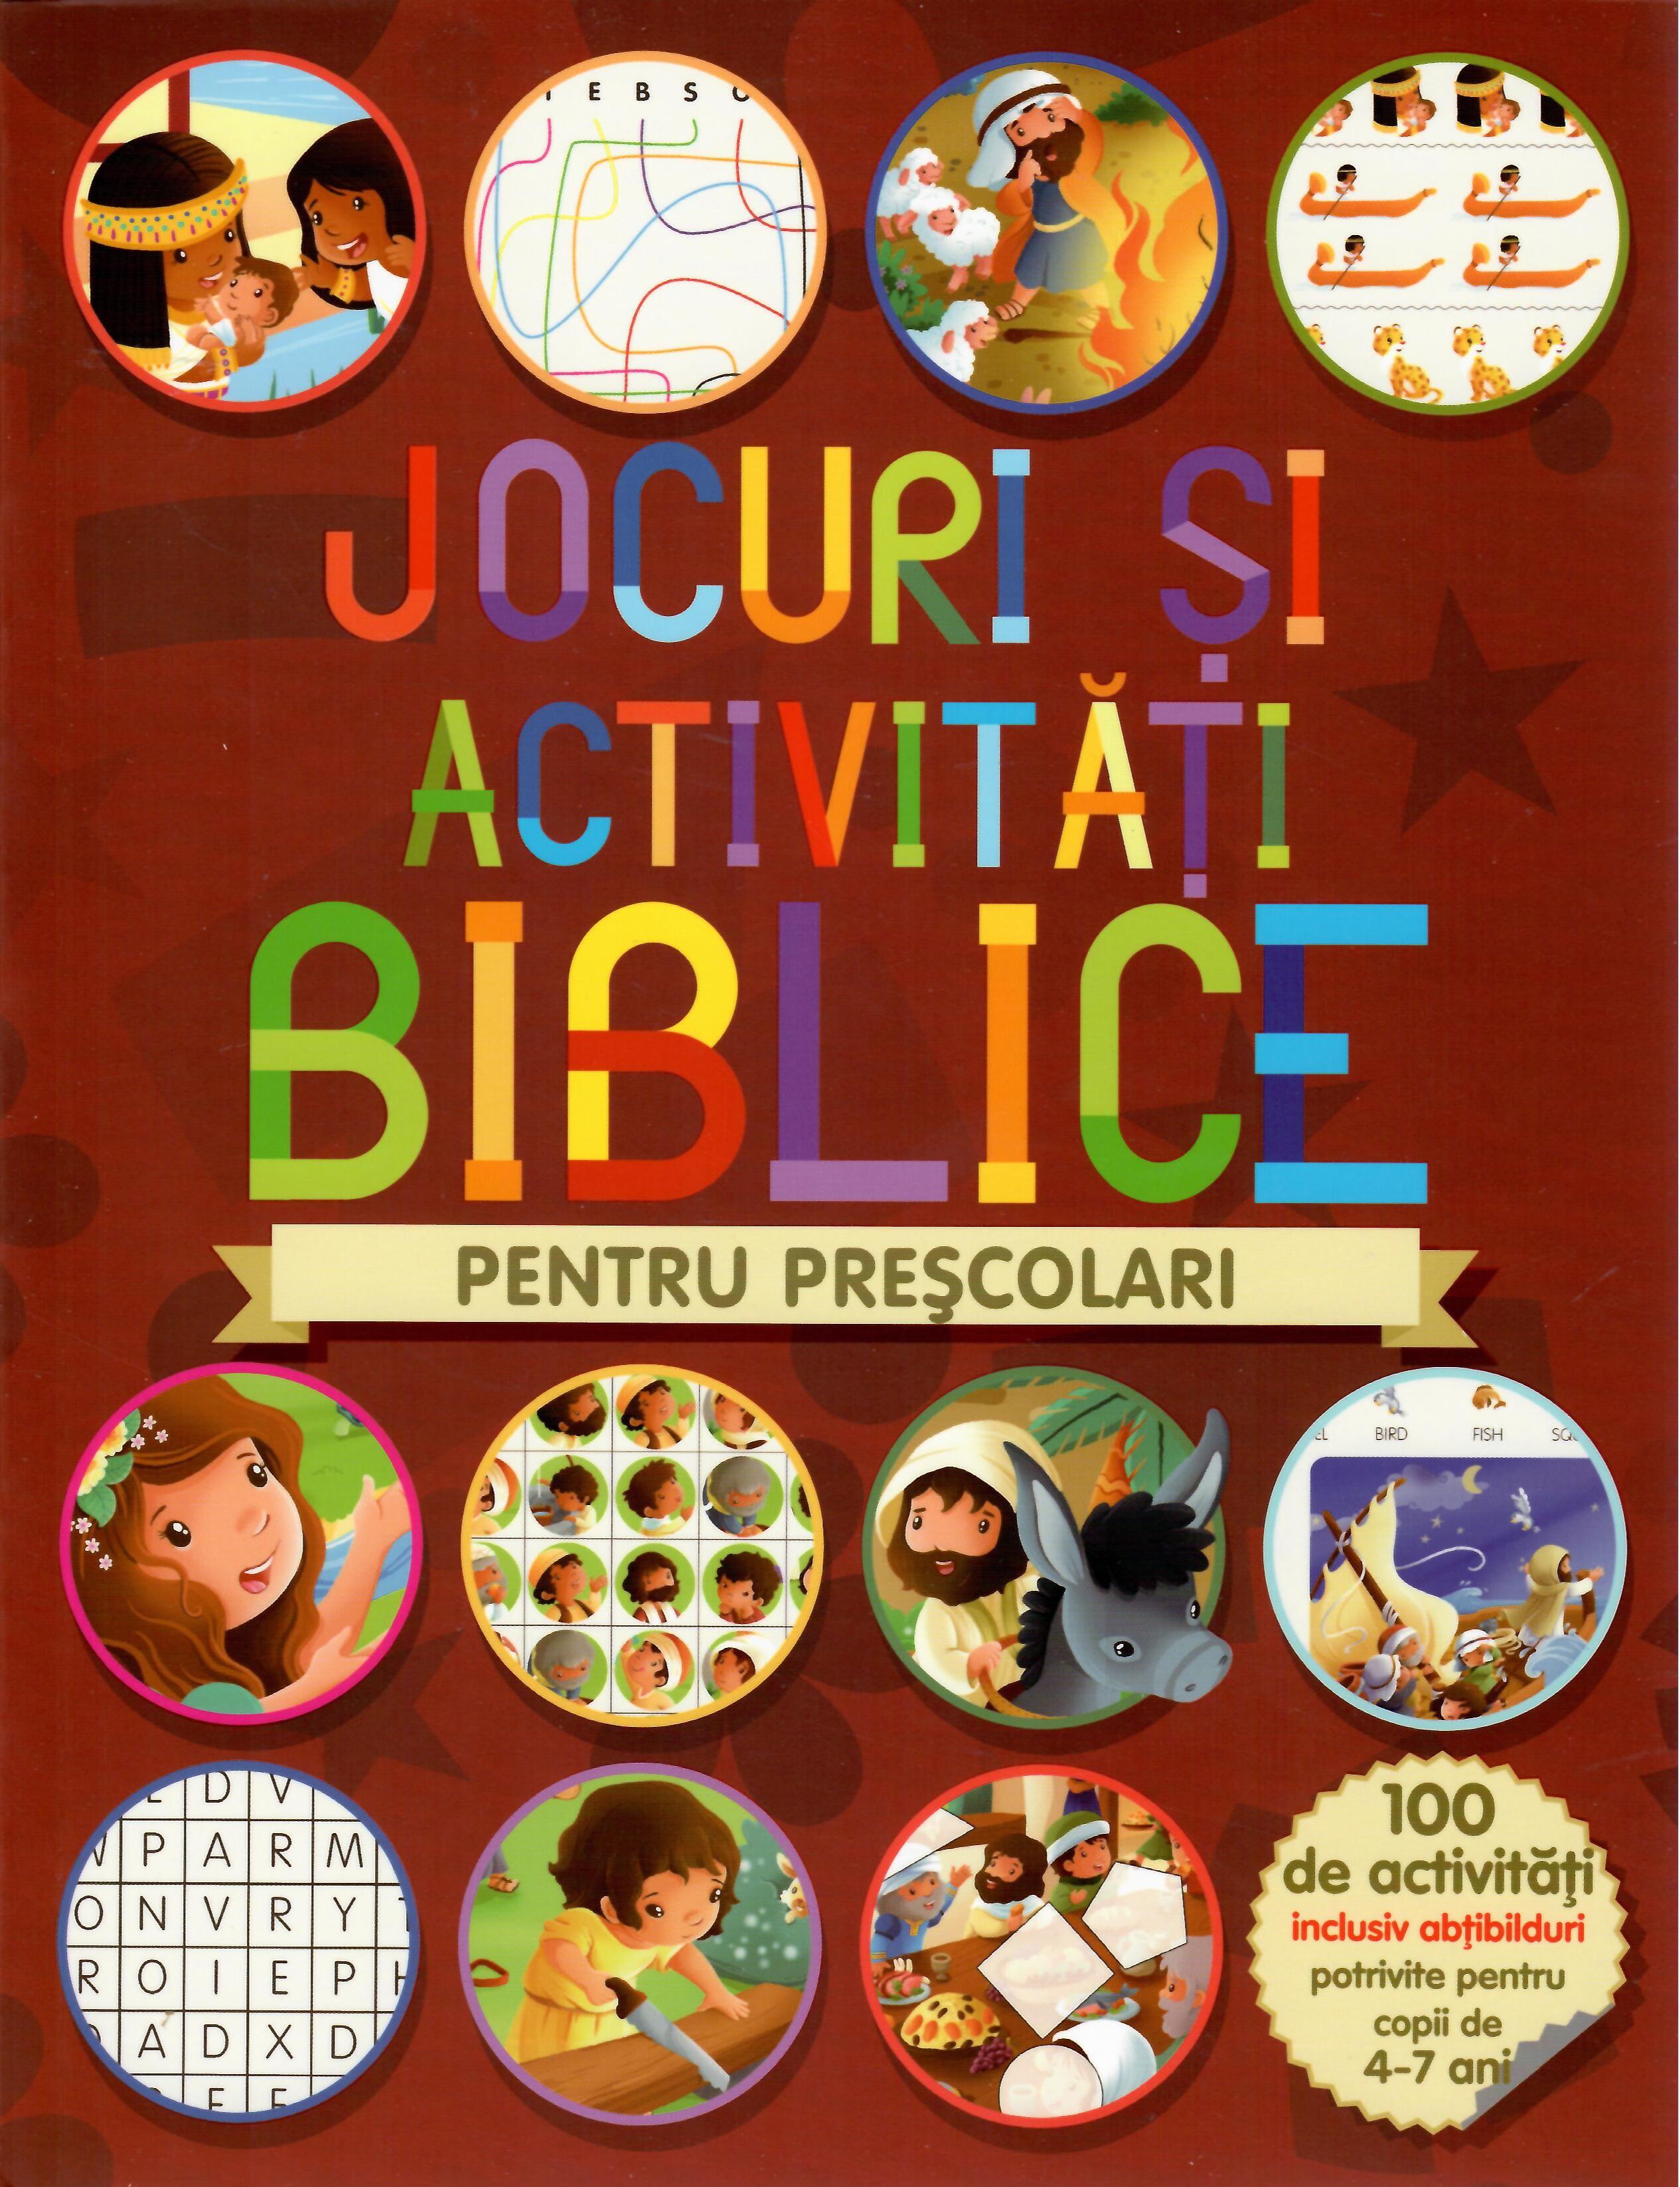 Jocuri și activități biblice pentru Preșcolari